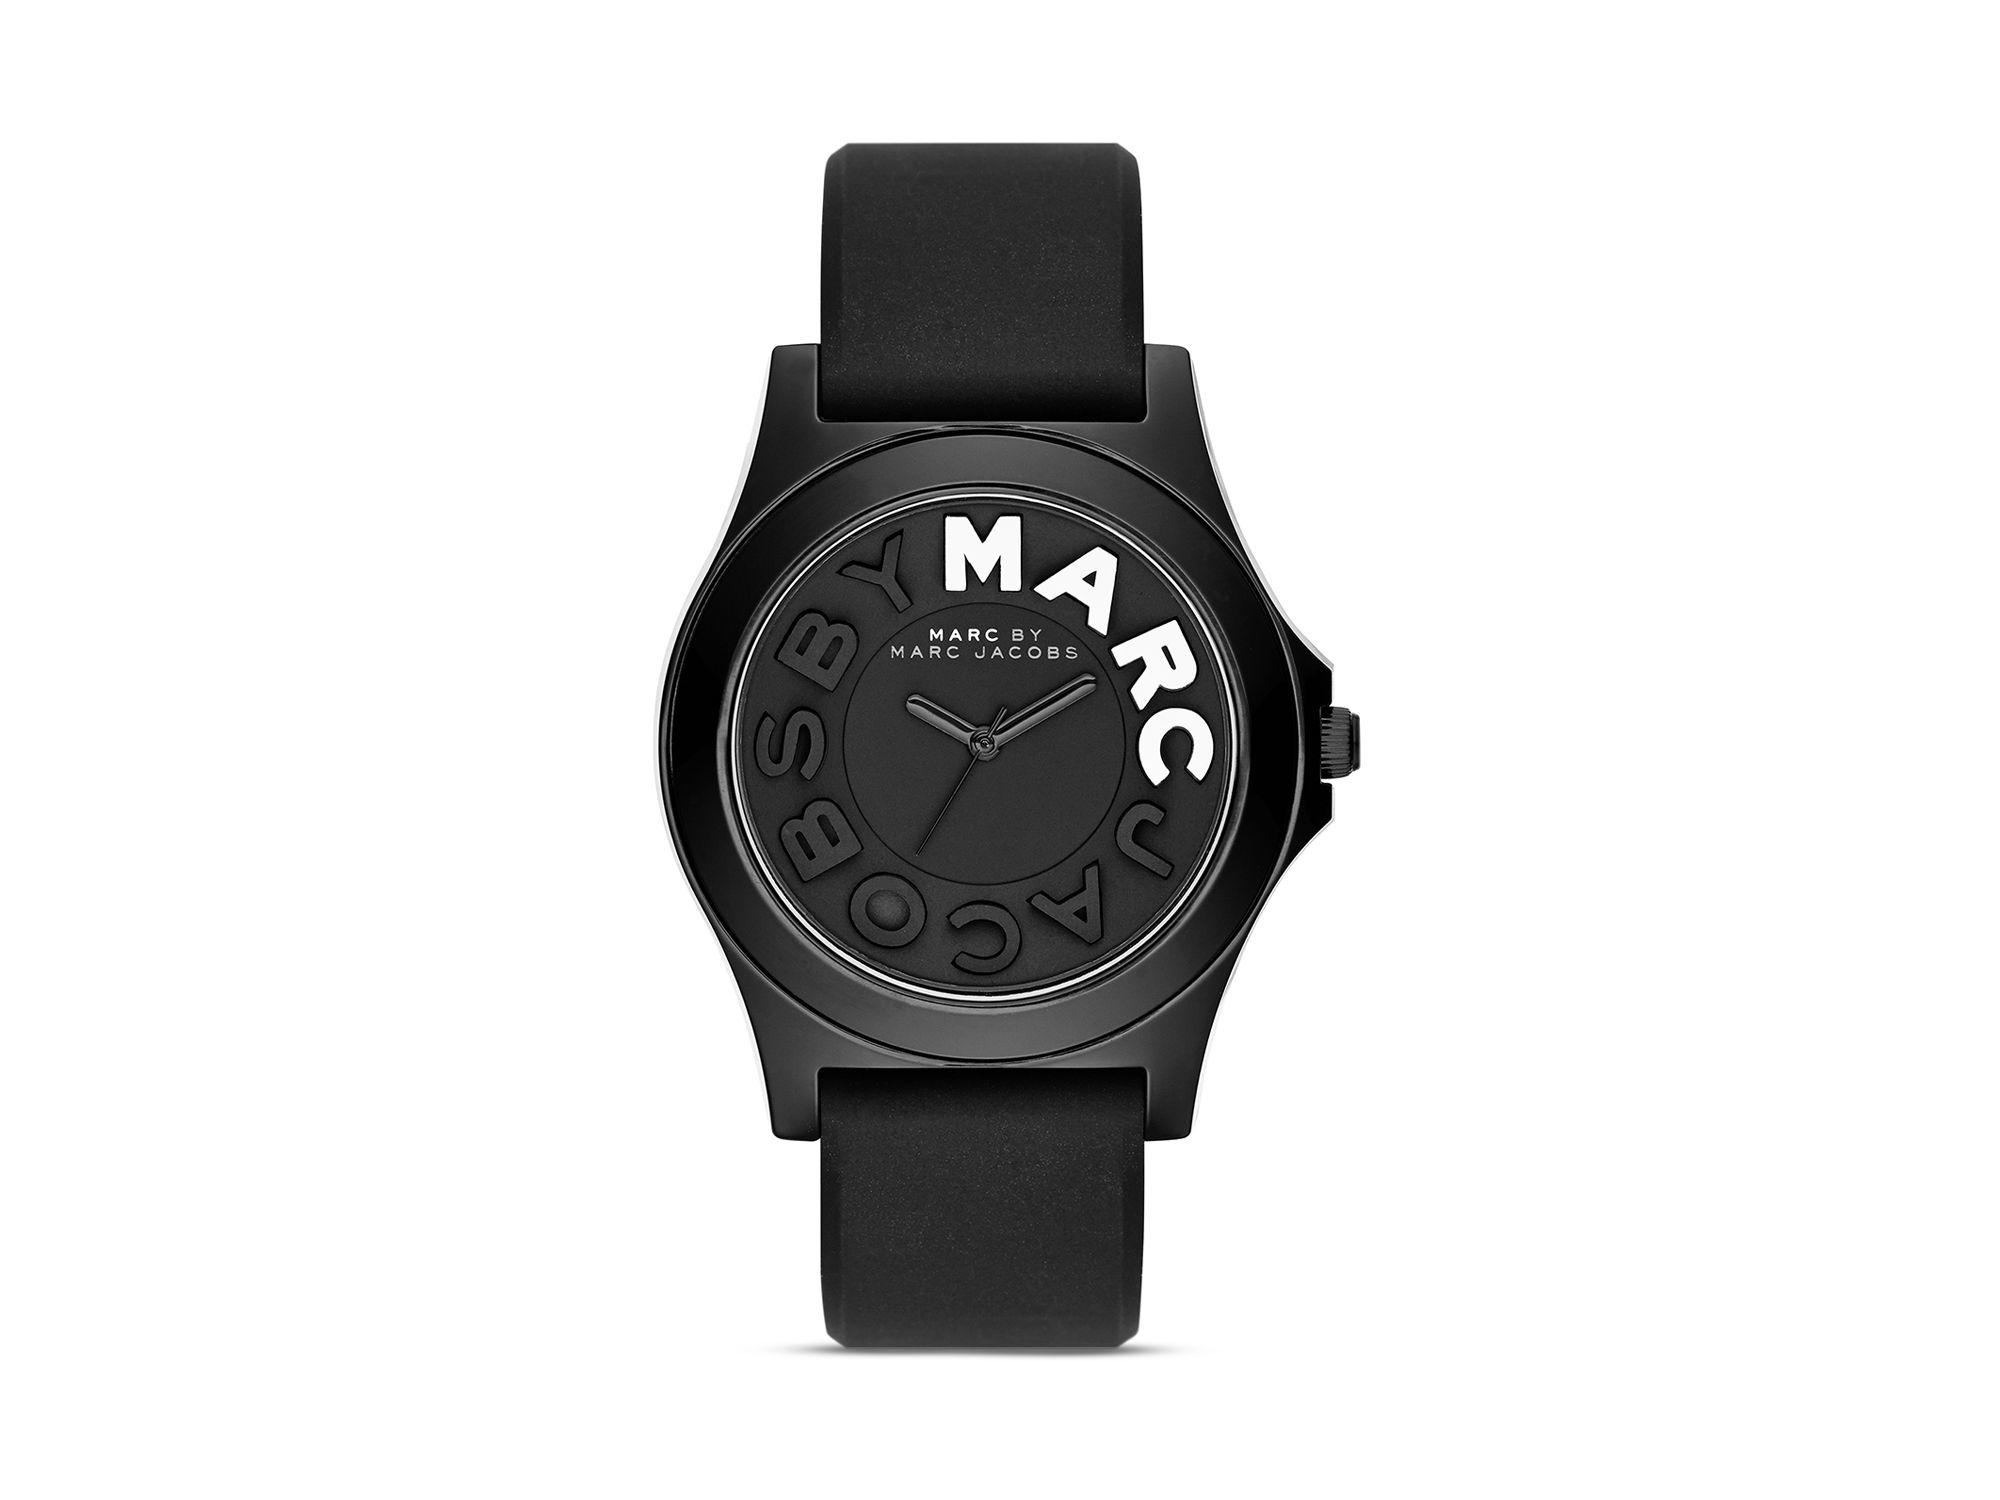 d6e48d800d5 Lyst - Marc By Marc Jacobs Sloane Black Watch